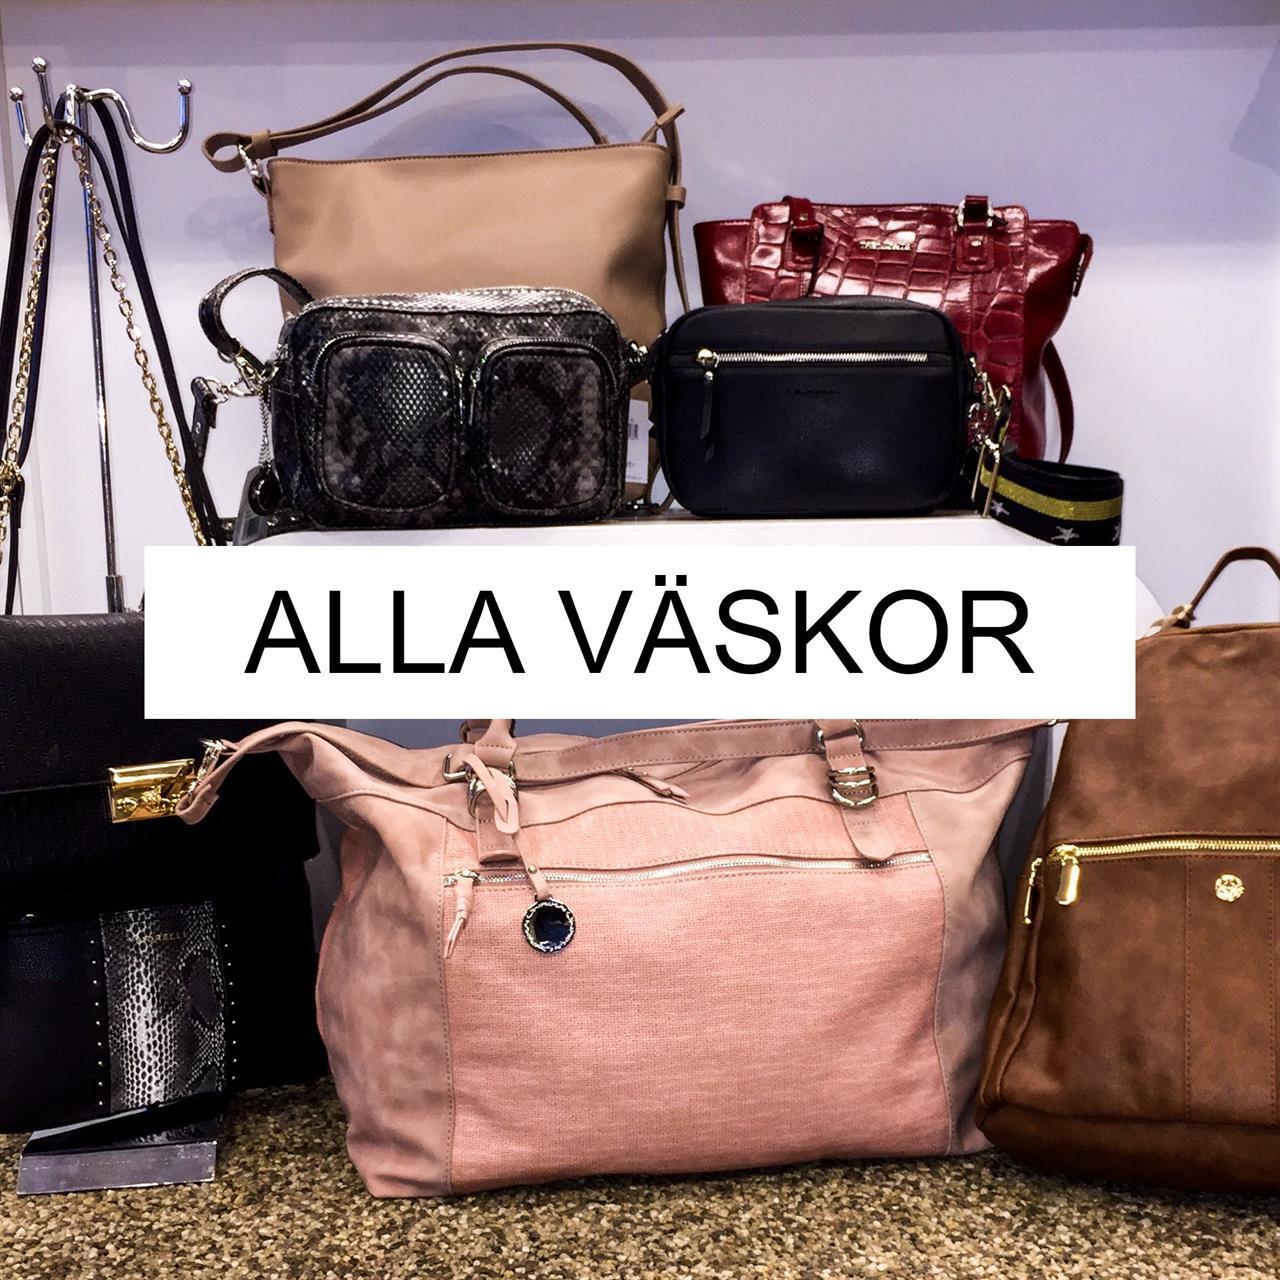 Alla väskor